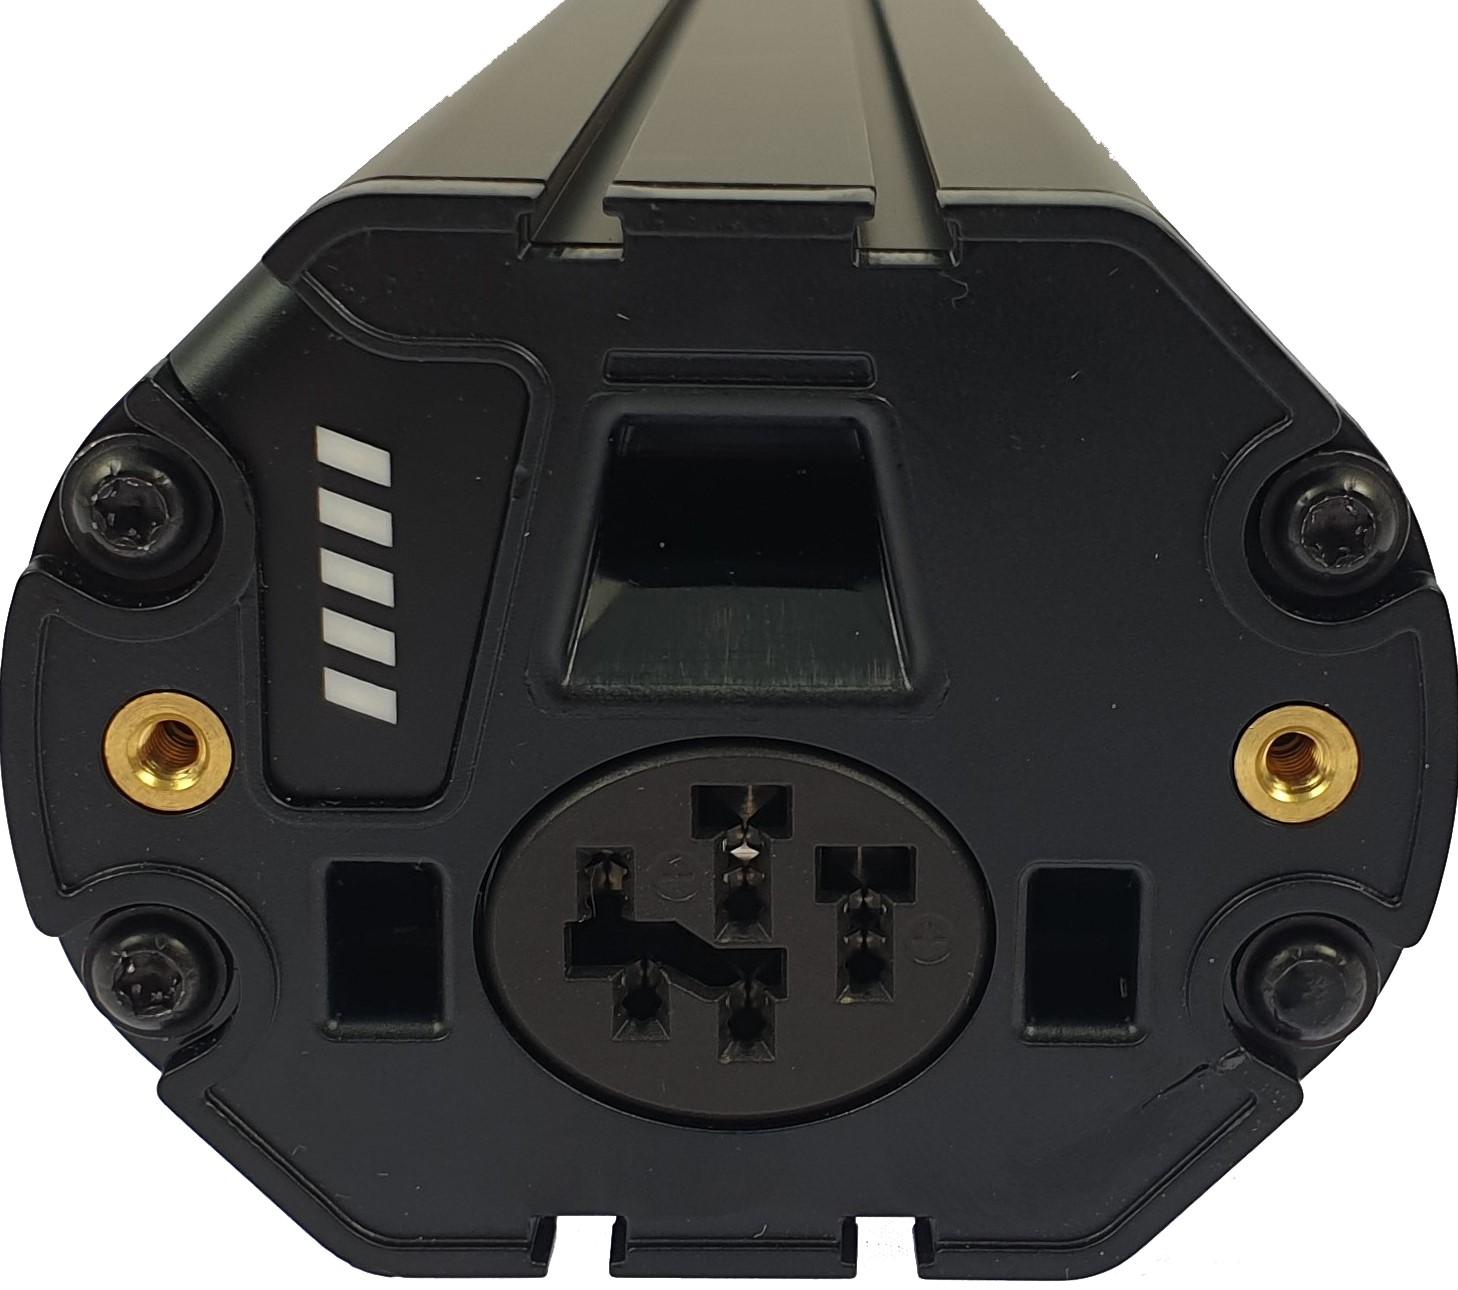 Bosch EPS 625 HMI 400 - купить у официального дилера, цена ...